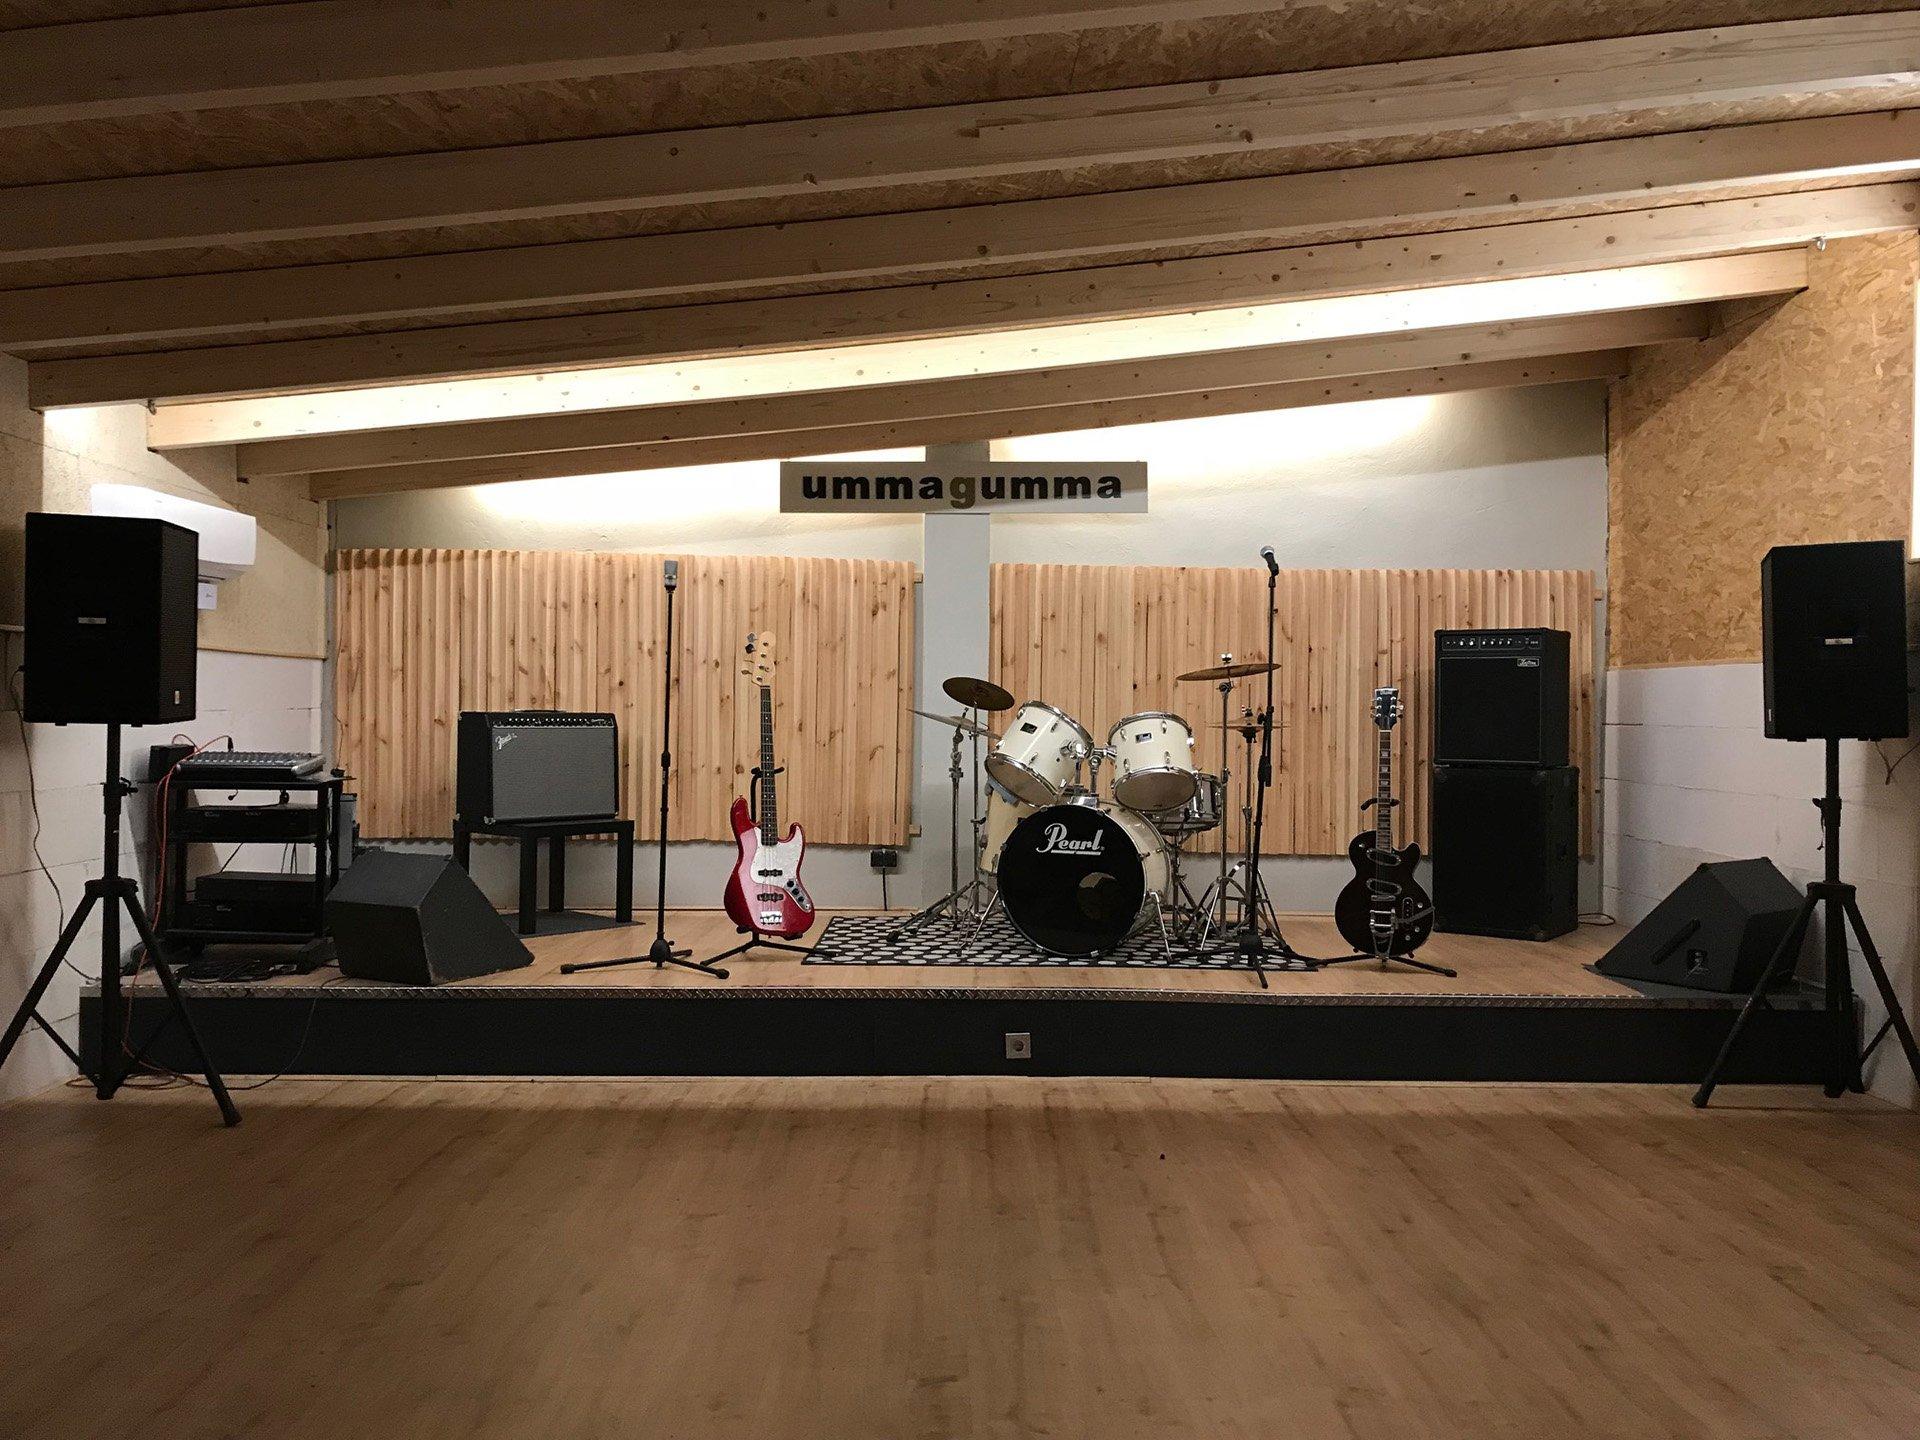 Sala nueva de Ummagumma club de ensayo